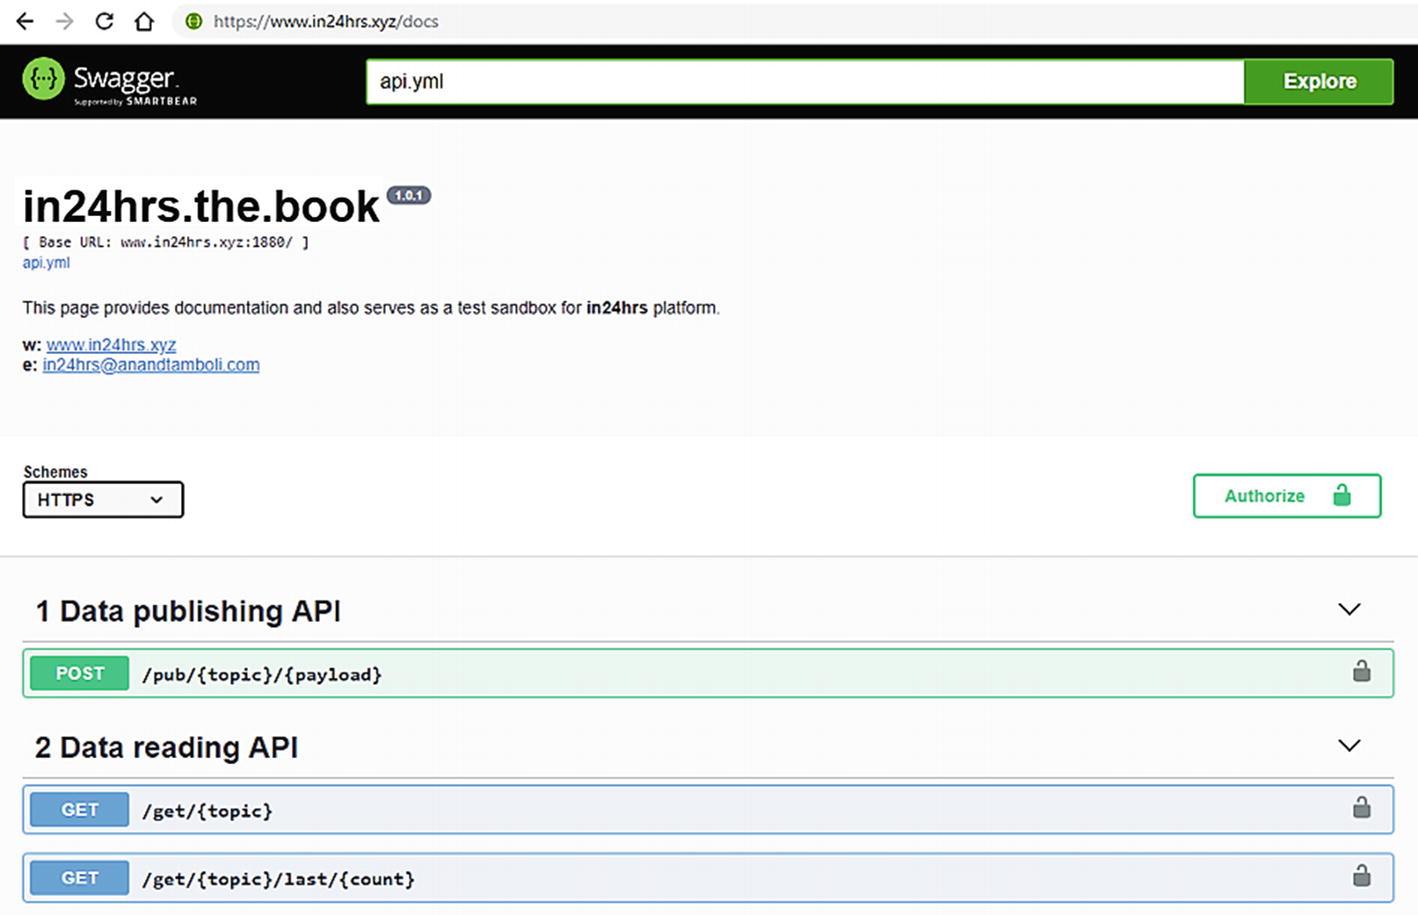 Documentation and Testing | SpringerLink